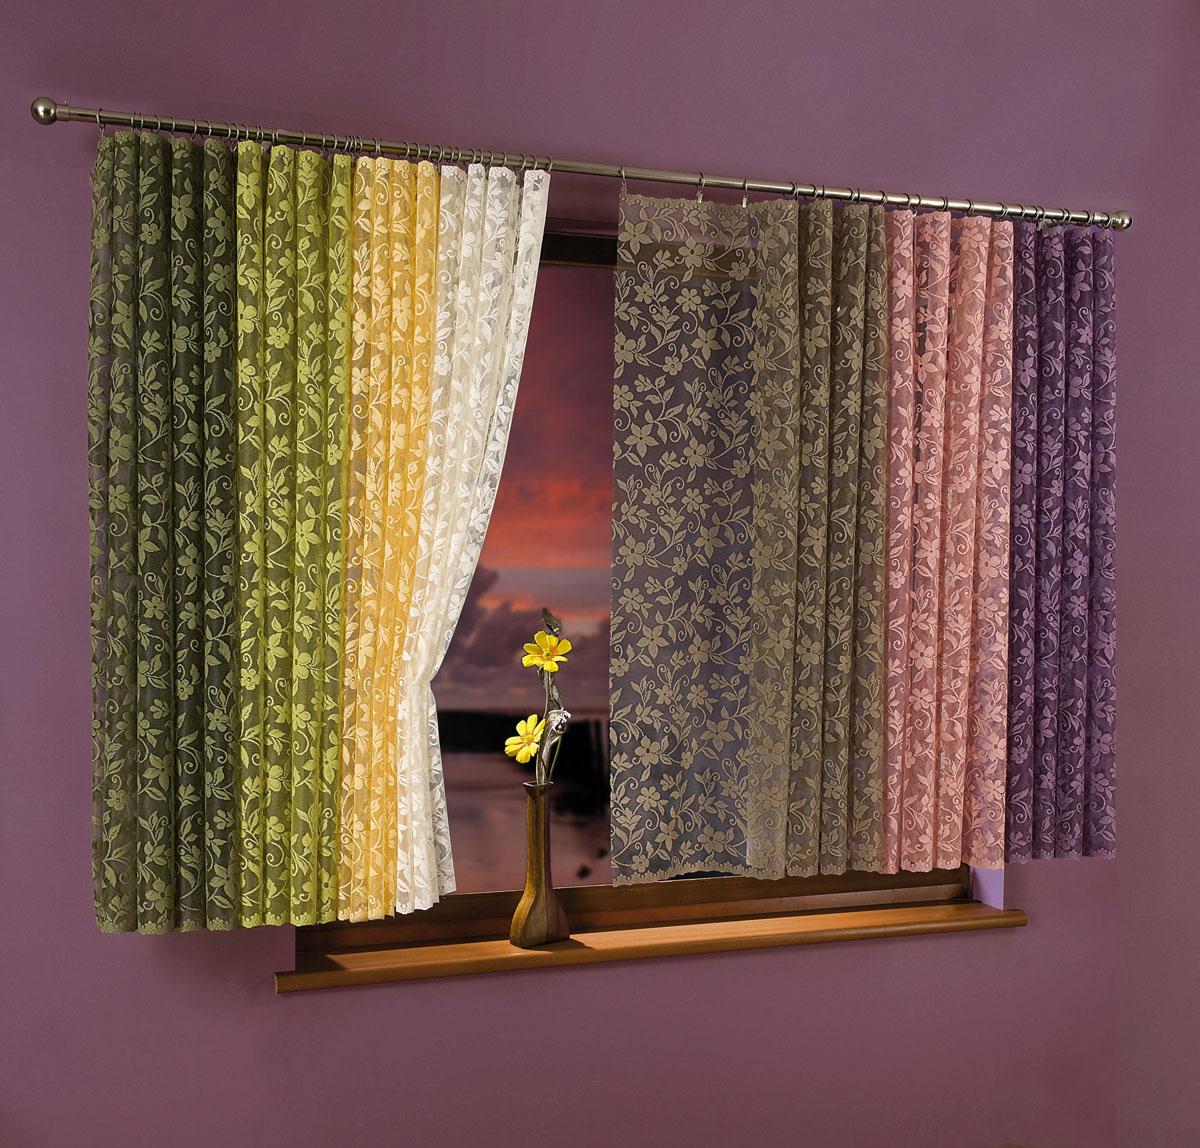 Гардина-тюль Kwiat Jabloni, на ленте, цвет: синий, высота 250 см391602Воздушная гардина-тюль Kwiat Jabloni, изготовленная из полиэстера синего цвета, станет великолепным украшением любого окна. Тонкое плетение, оригинальный дизайн и приятная цветовая гамма привлекут к себе внимание и органично впишутся в интерьер комнаты. В гардину-тюль вшита шторная лента. Характеристики:Материал: 100% полиэстер. Цвет: синий. Размер упаковки:27 см х 36 см х 3 см. Артикул: 736195.В комплект входит:Гардина-тюль - 1 шт. Размер (Ш х В): 150 см х 250 см. Фирма Wisan на польском рынке существует уже более пятидесяти лет и является одной из лучших польских фабрик по производству штор и тканей. Ассортимент фирмы представлен готовыми комплектами штор для гостиной, детской, кухни, а также текстилем для кухни (скатерти, салфетки, дорожки, кухонные занавески). Модельный ряд отличает оригинальный дизайн, высокое качество. Ассортимент продукции постоянно пополняется.УВАЖАЕМЫЕ КЛИЕНТЫ!Обращаем ваше внимание на цвет изделия. Цветовой вариант гардины-тюли, данной в интерьере, служит для визуального восприятия товара. Цветовая гамма данной гардины-тюли представлена на отдельном изображении фрагментом ткани.